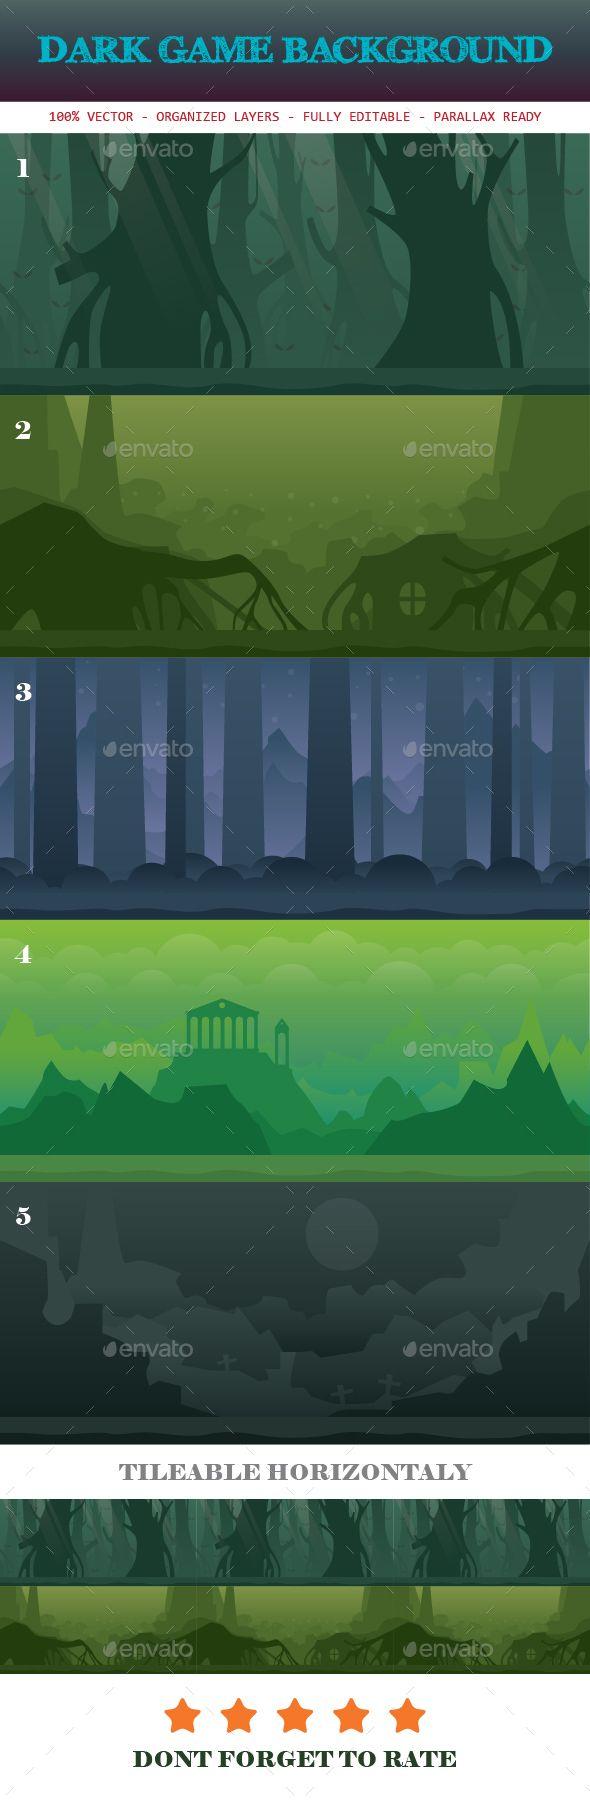 Dark Game Background Template